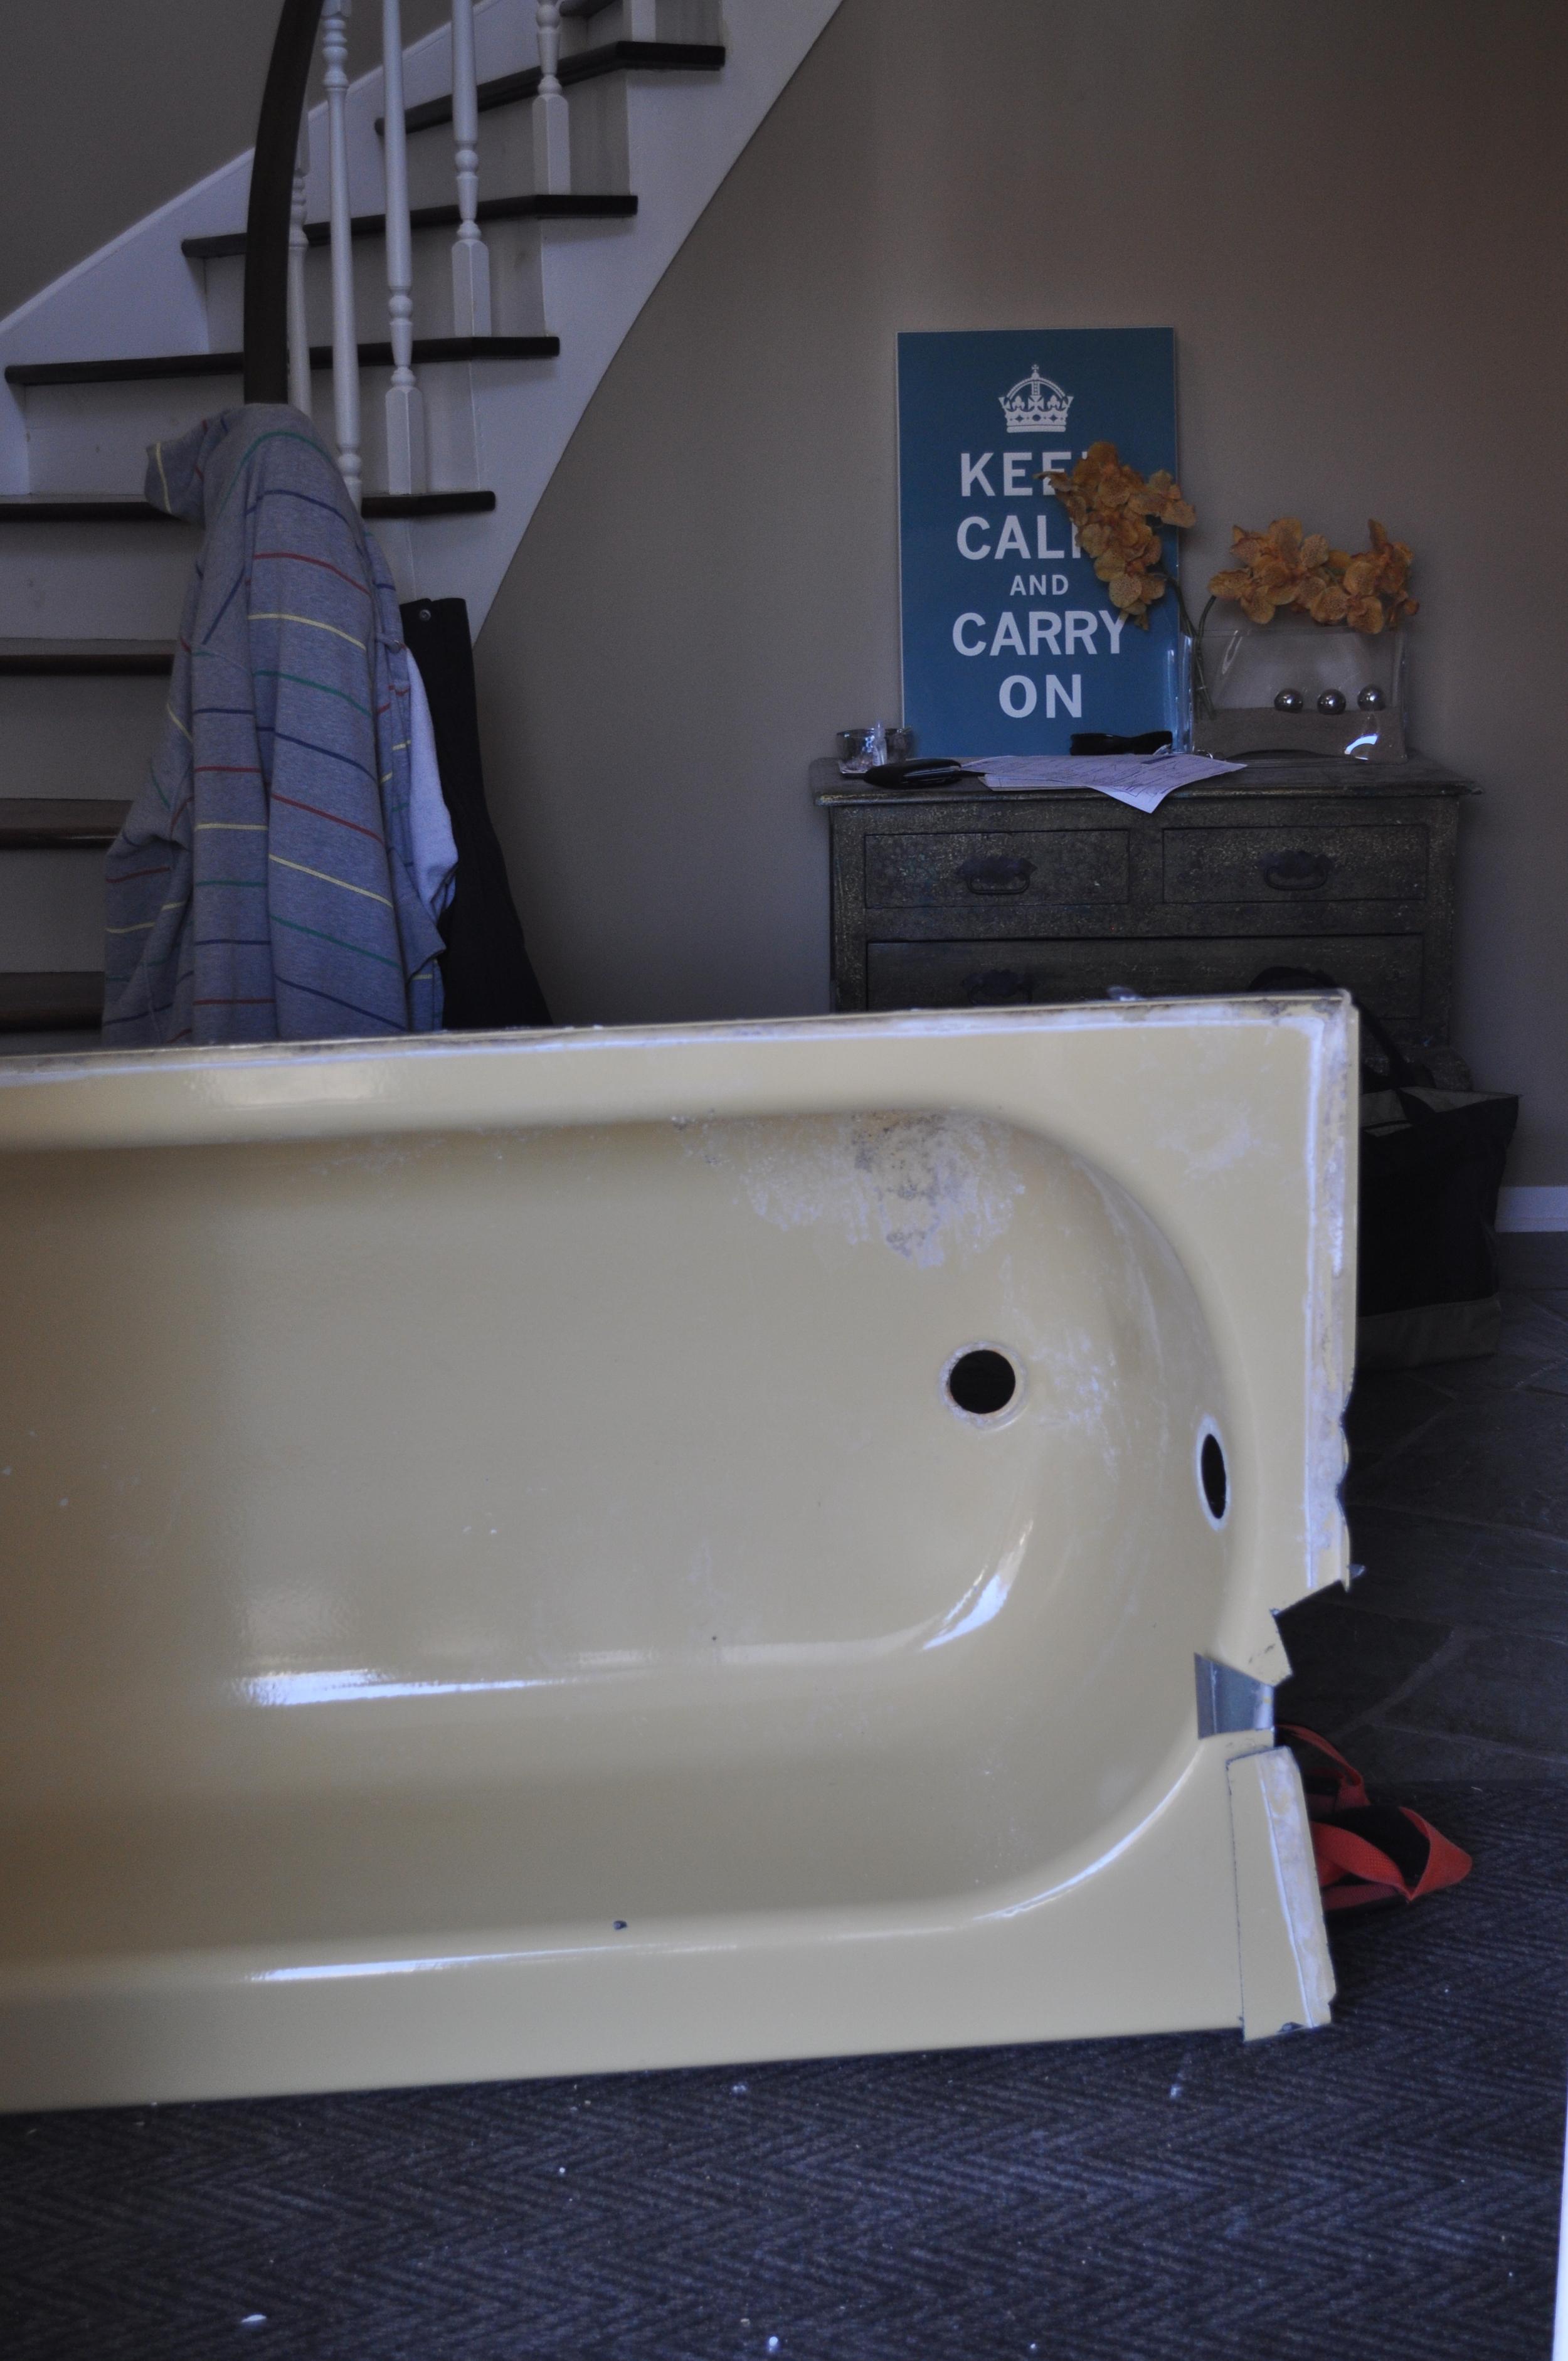 Goodbye, yellow tub